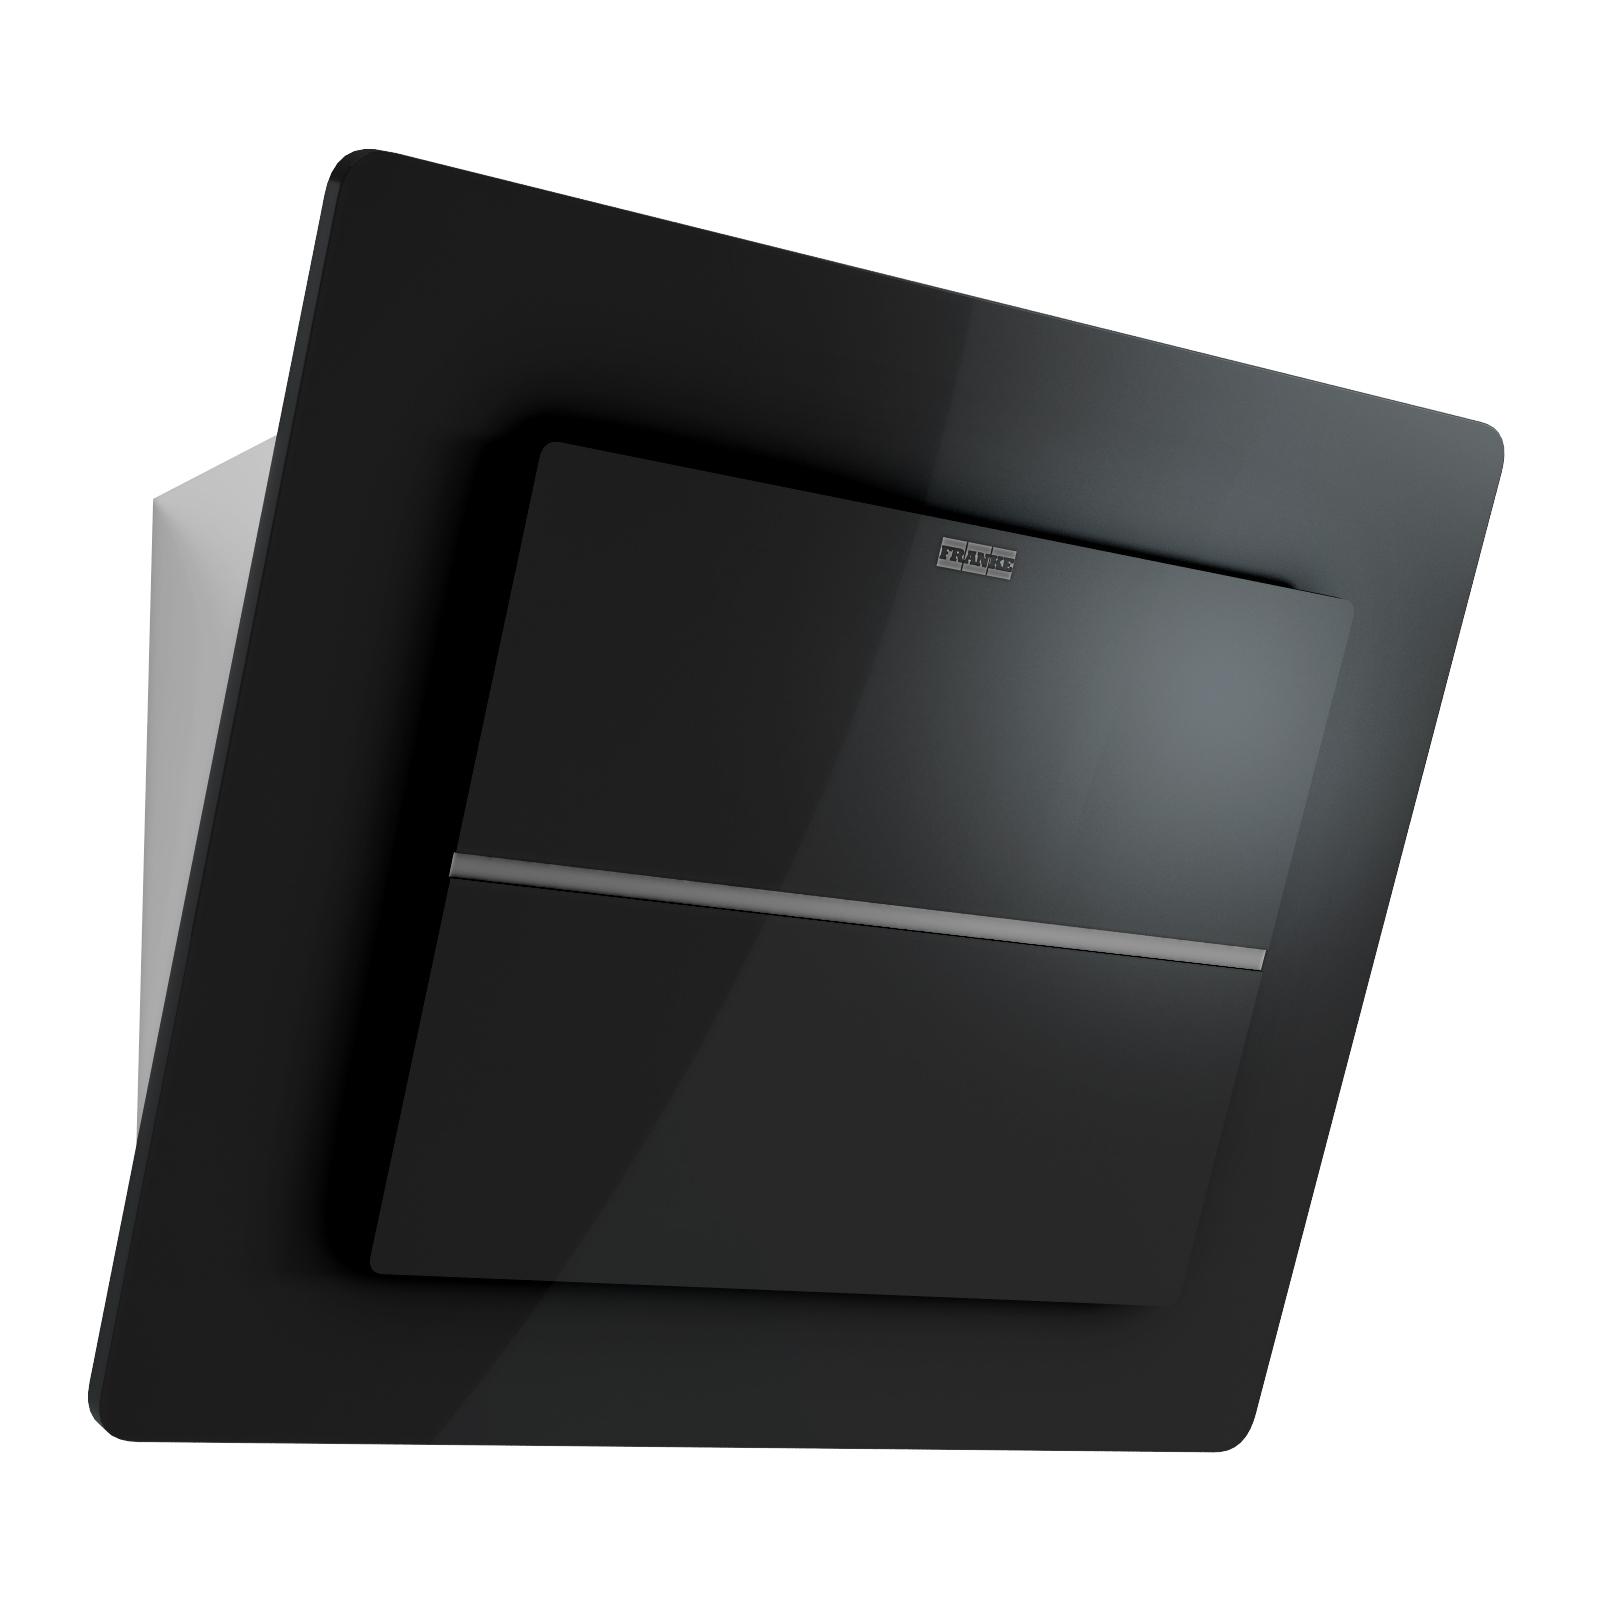 Hotte franke pas cher electro10count - Hotte decorative noire 90 cm ...